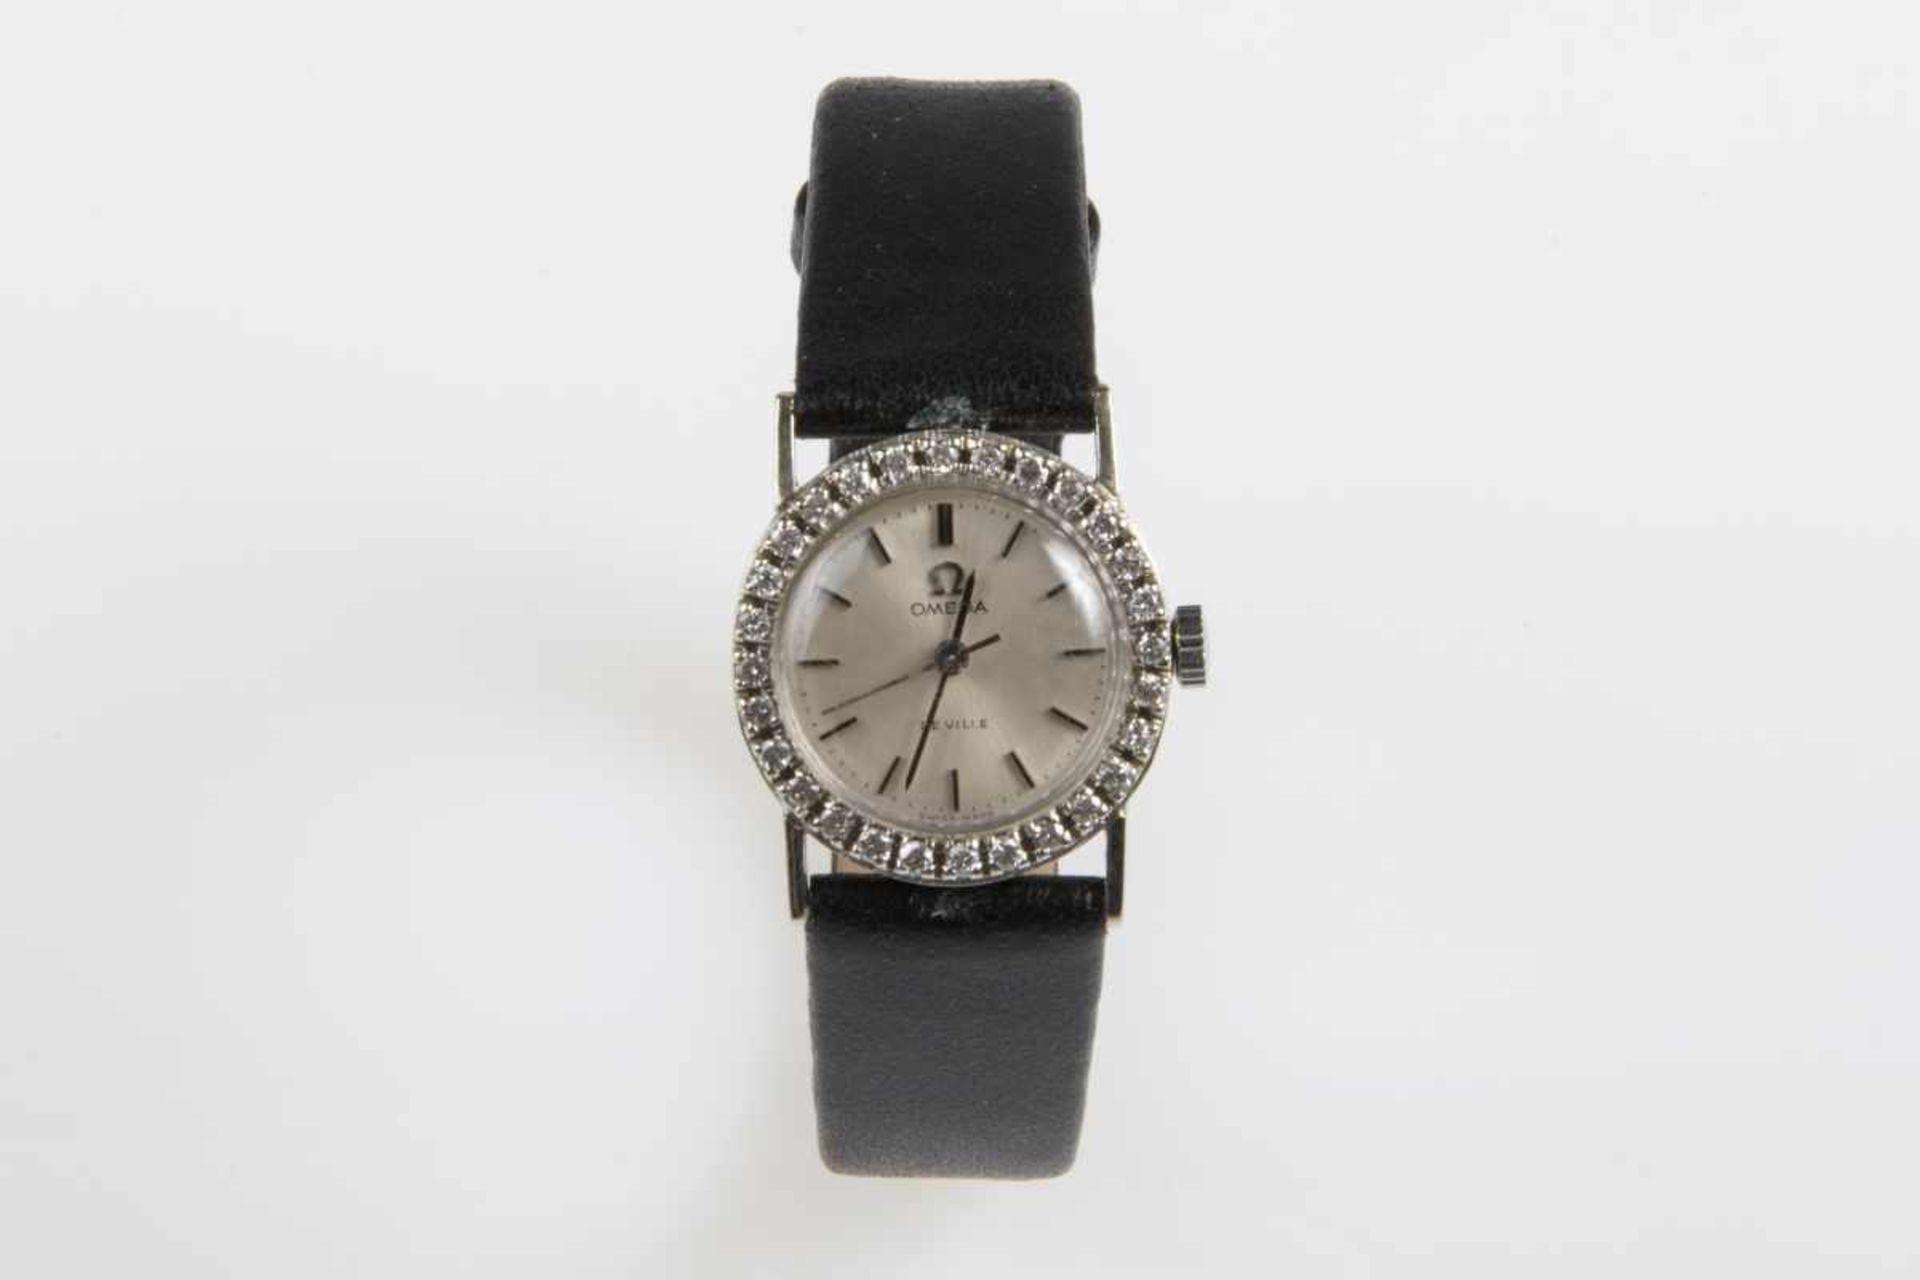 Damenarmbanduhr Omega de VilleHandaufzug, mit Brillanten zus.ca.0,60 ct.,schwarzes Lederband, 14,1g,